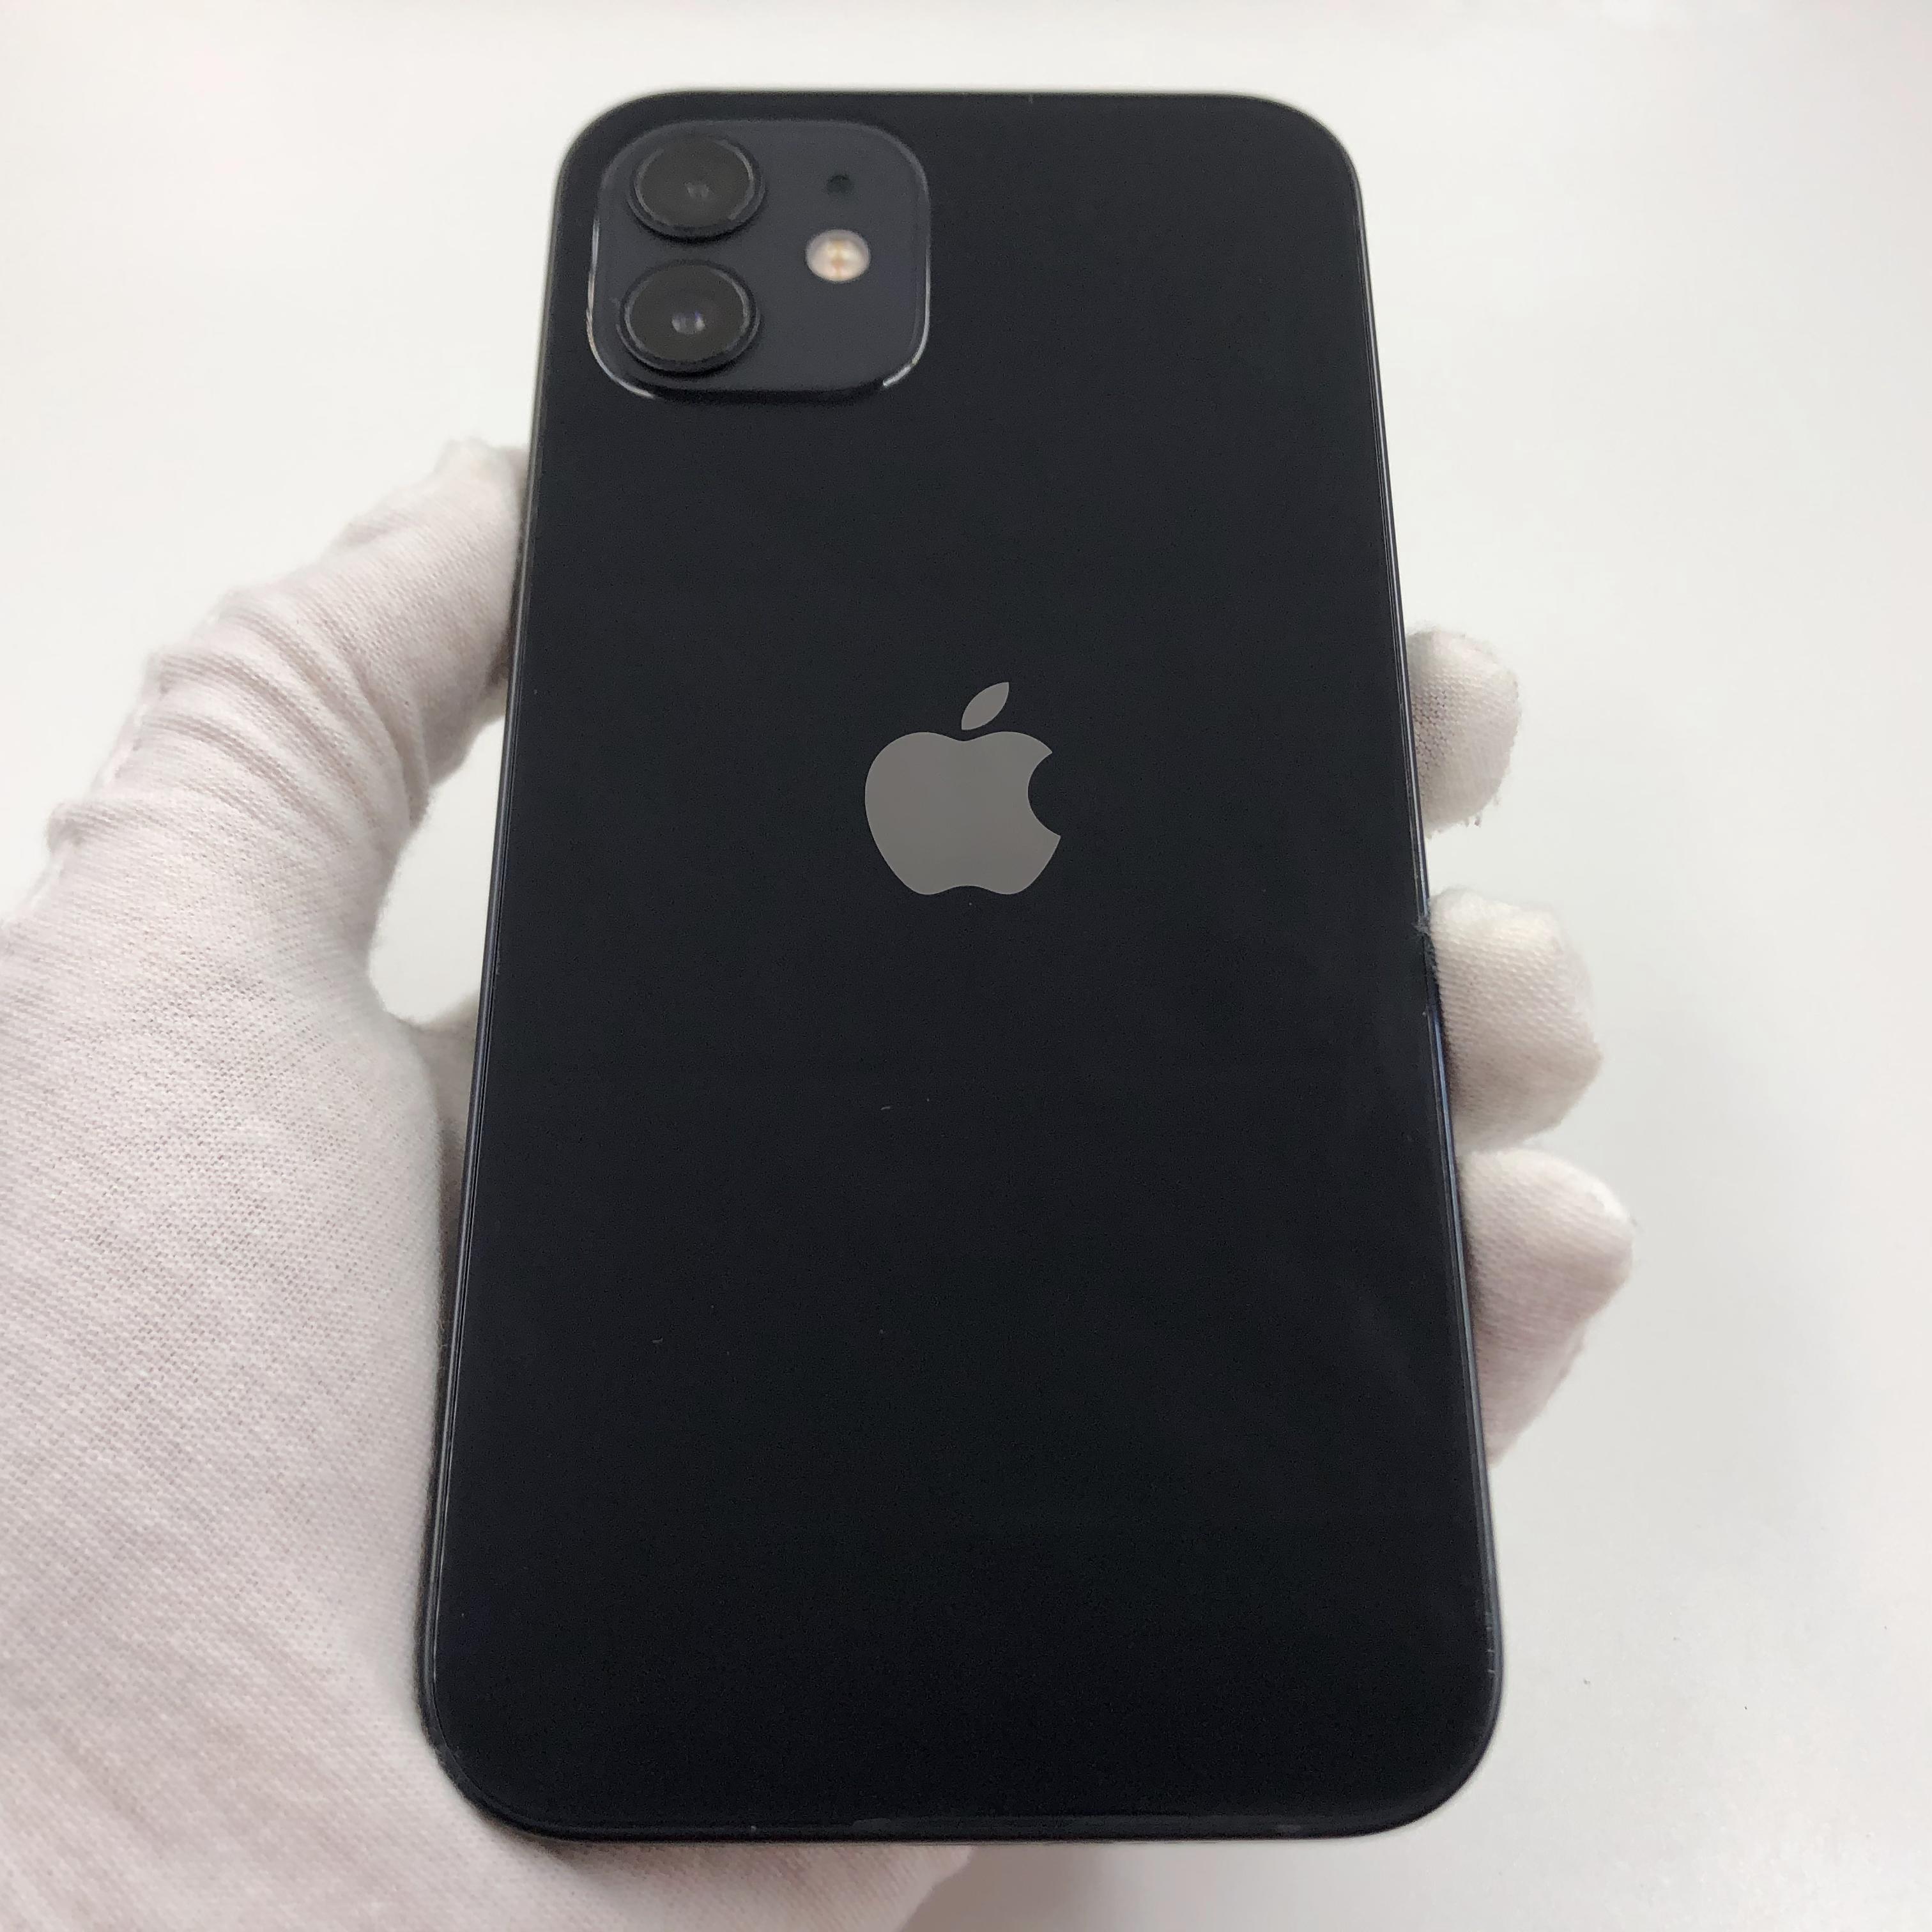 苹果【iPhone 12】5G全网通 黑色 64G 国行 95新 真机实拍官保2021-11-05